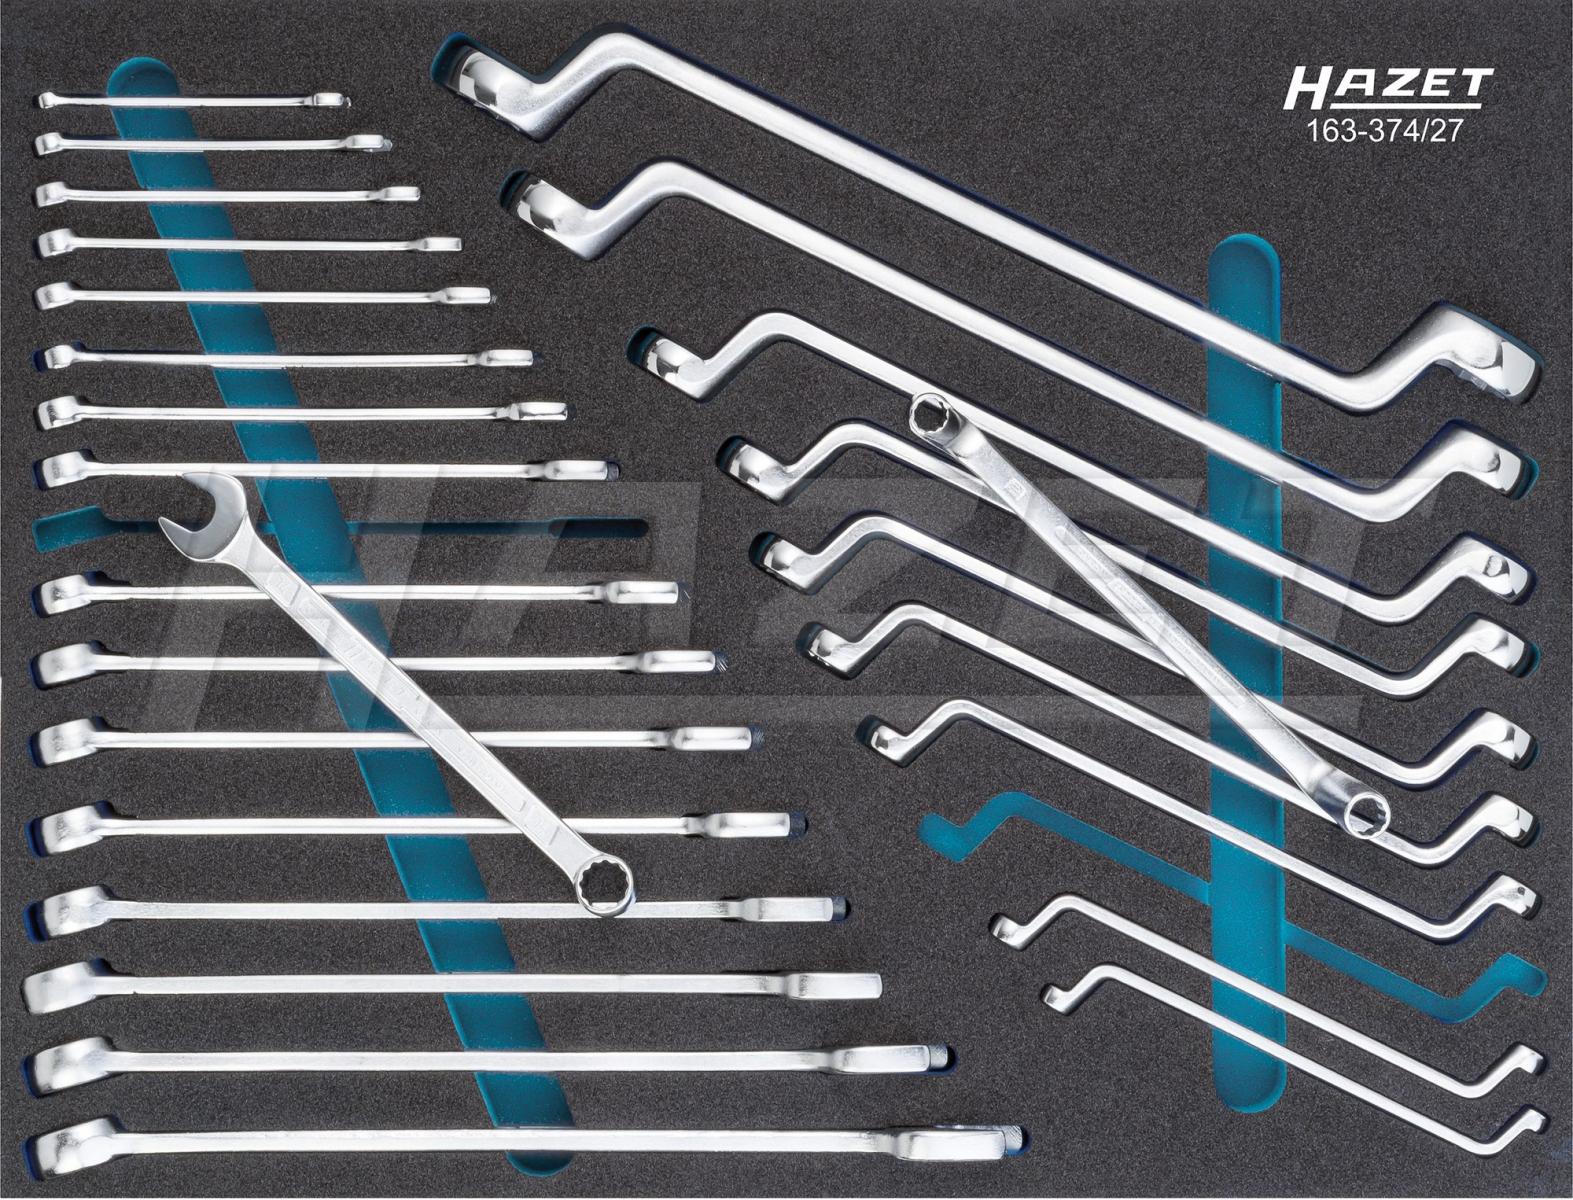 Tủ đồ nghề 7 ngăn 157 chi tiết Hazet 179-7-RAL7016/157